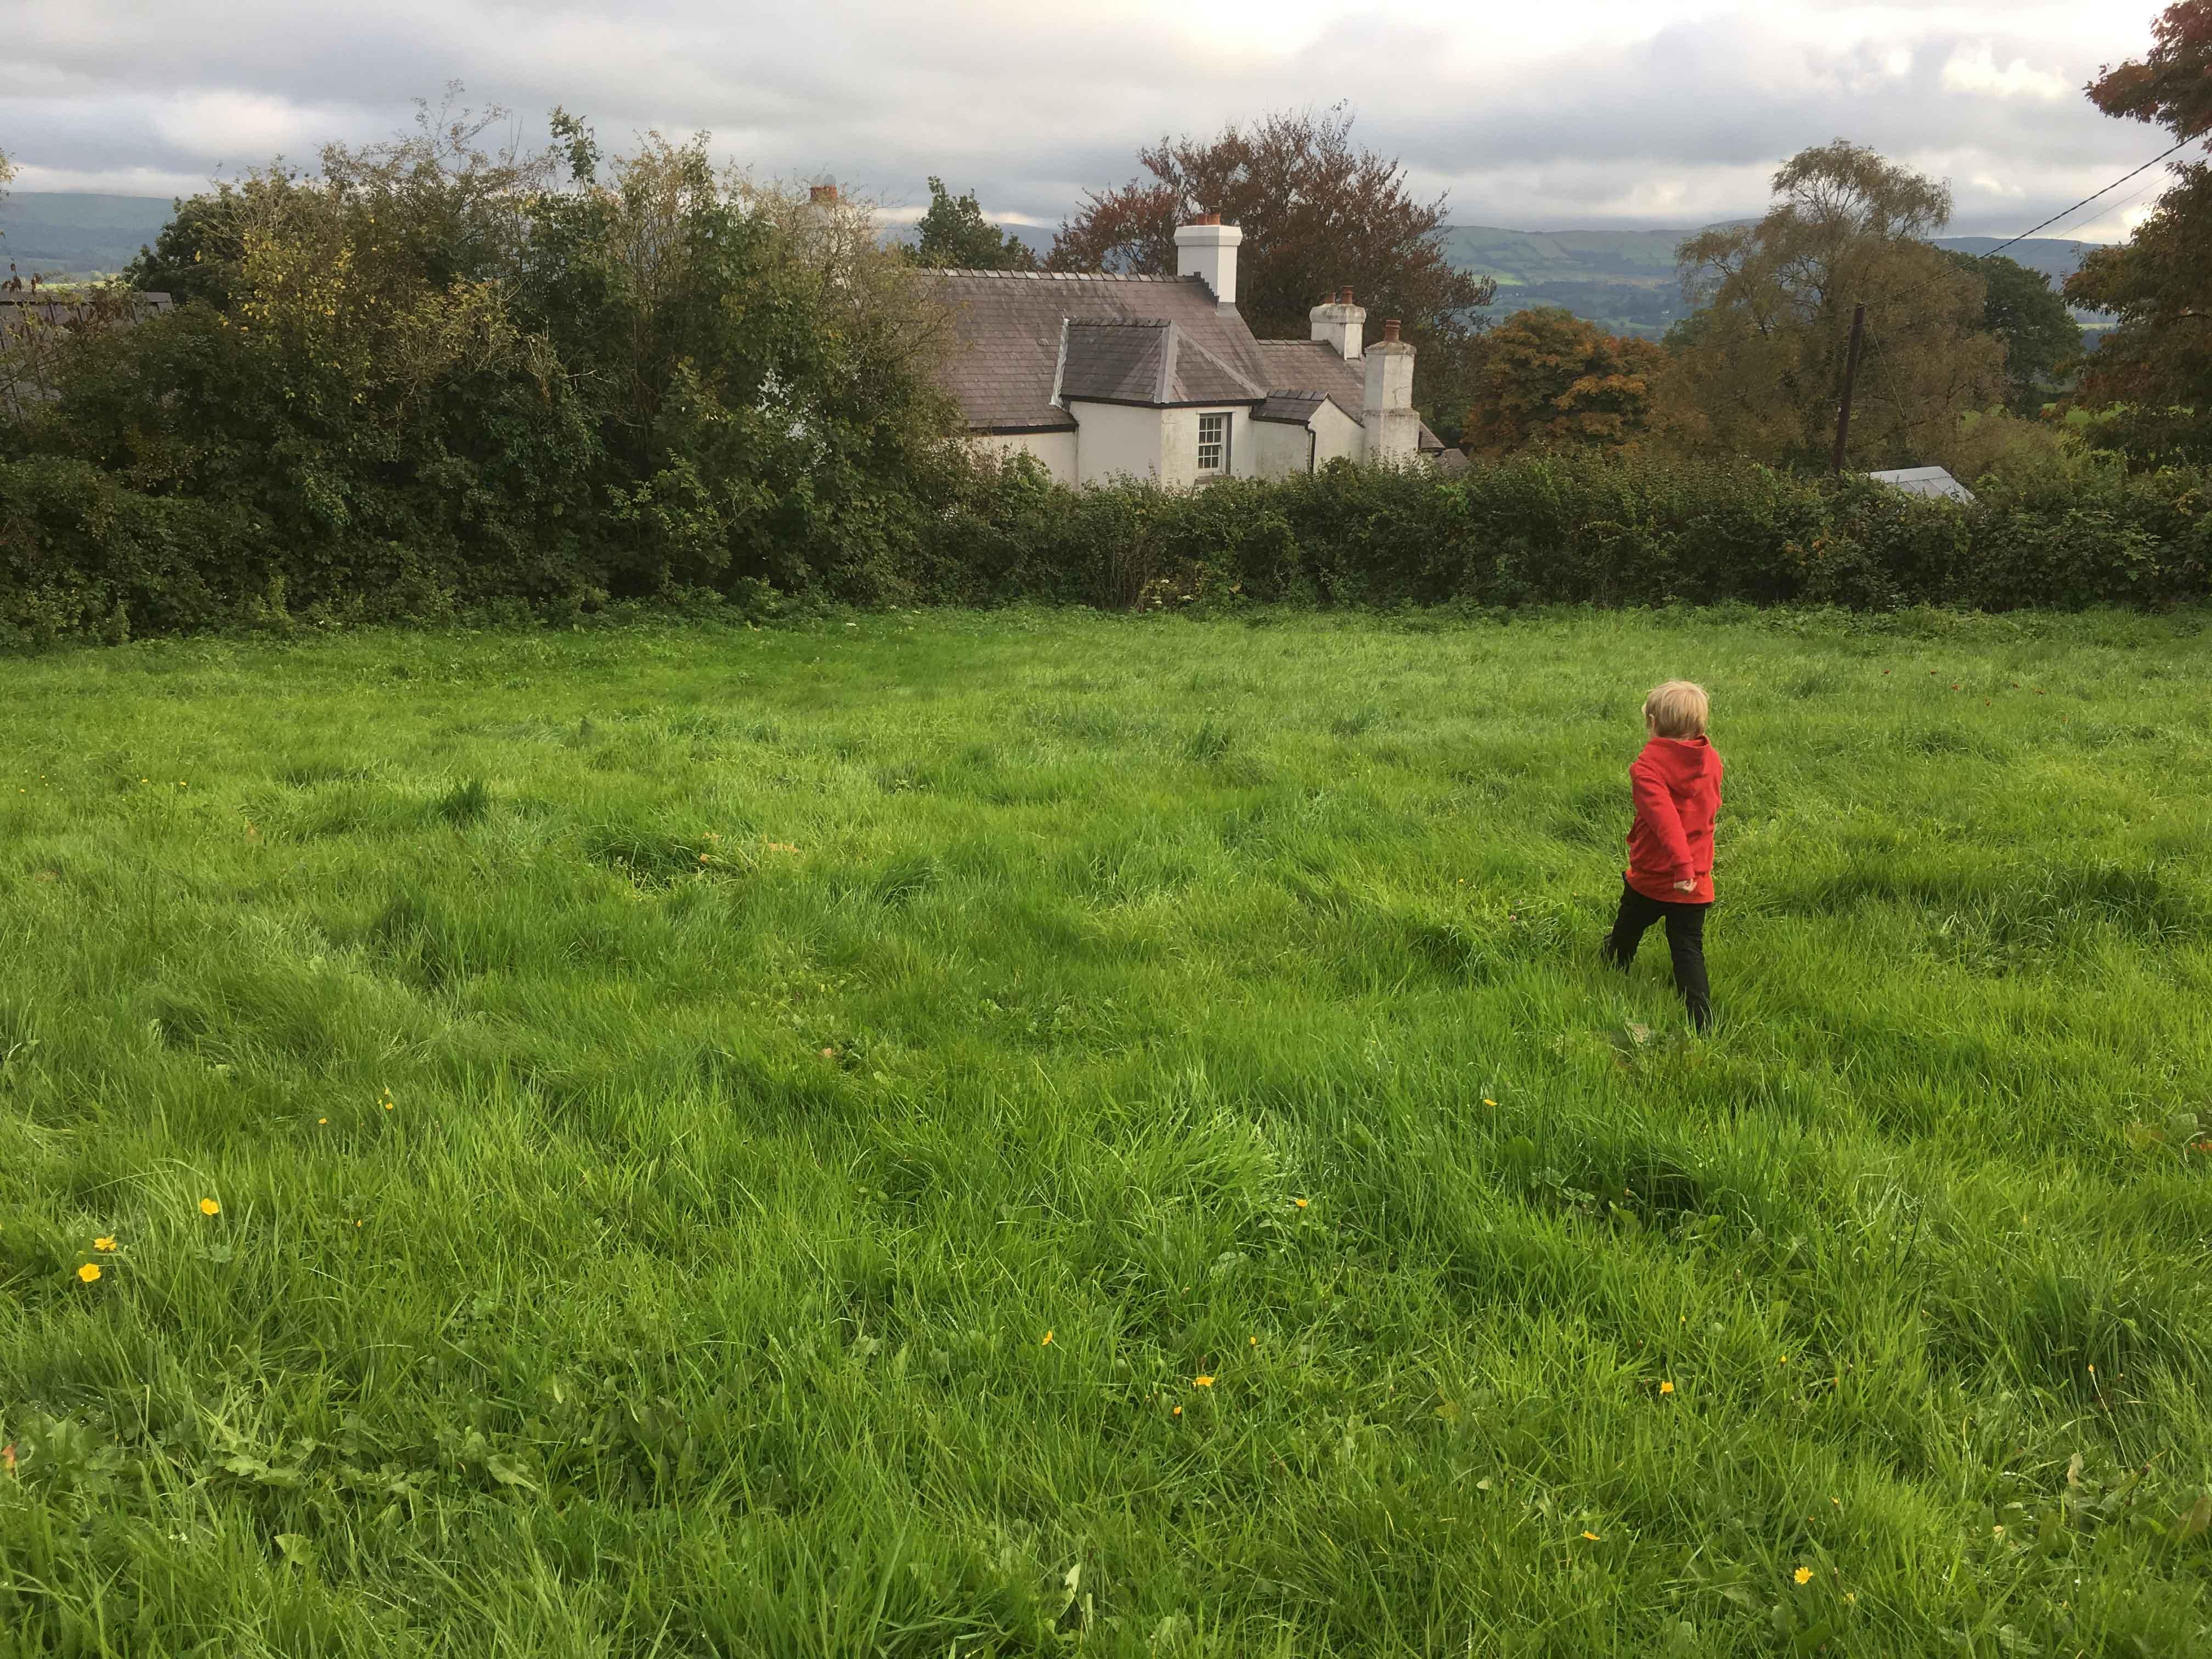 Rhandir-Llansadwrn-Llansadwrn-community-garden